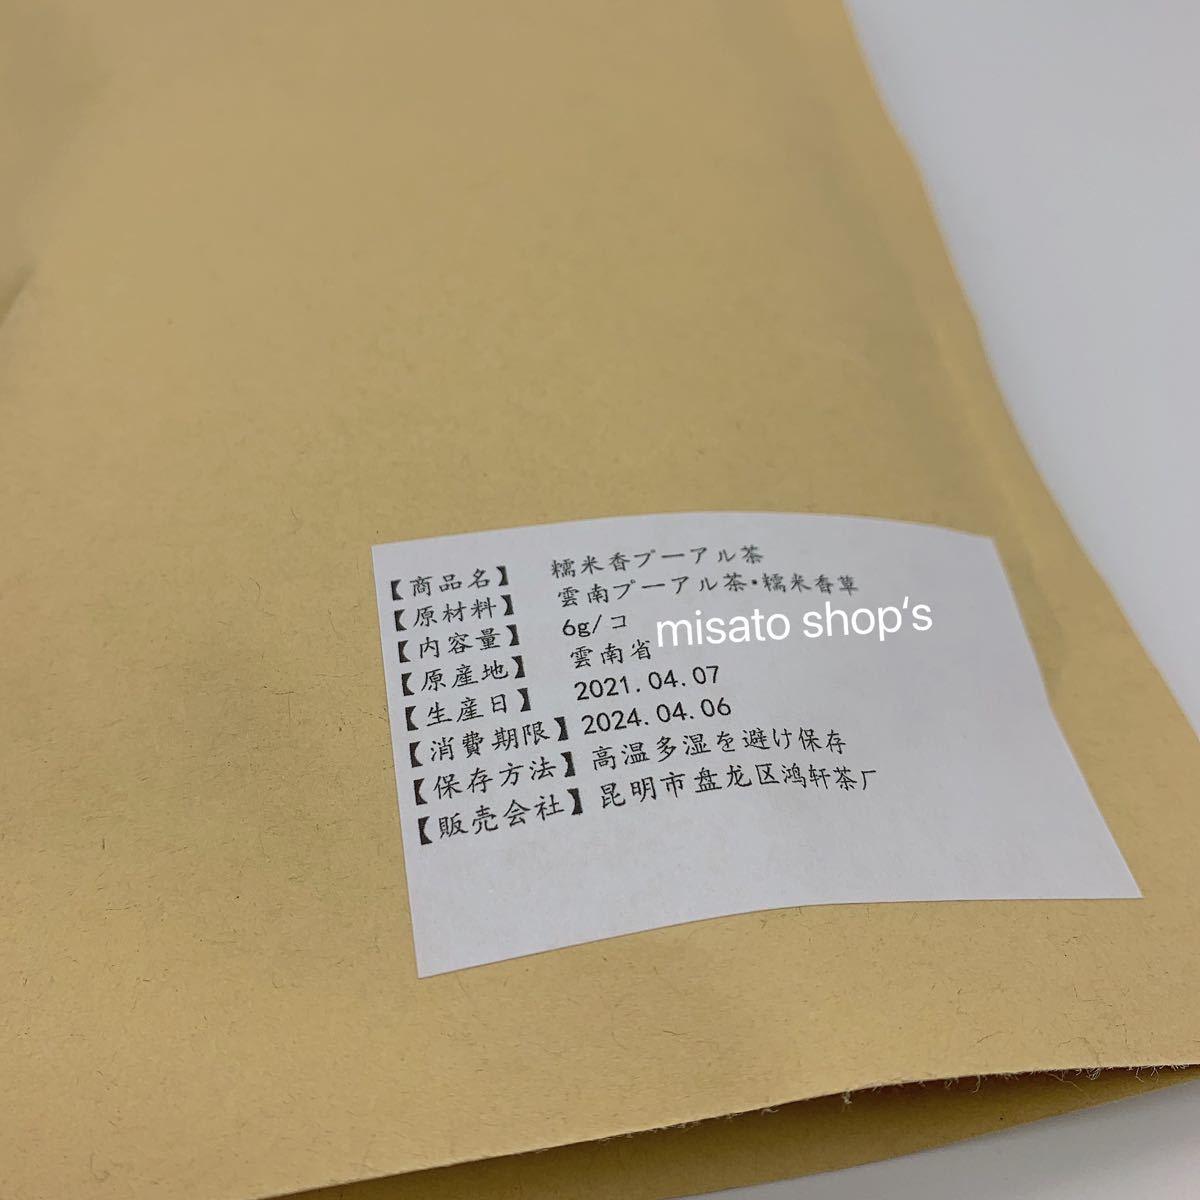 糯米香プーアル茶 【15コ入り 】5年熟成